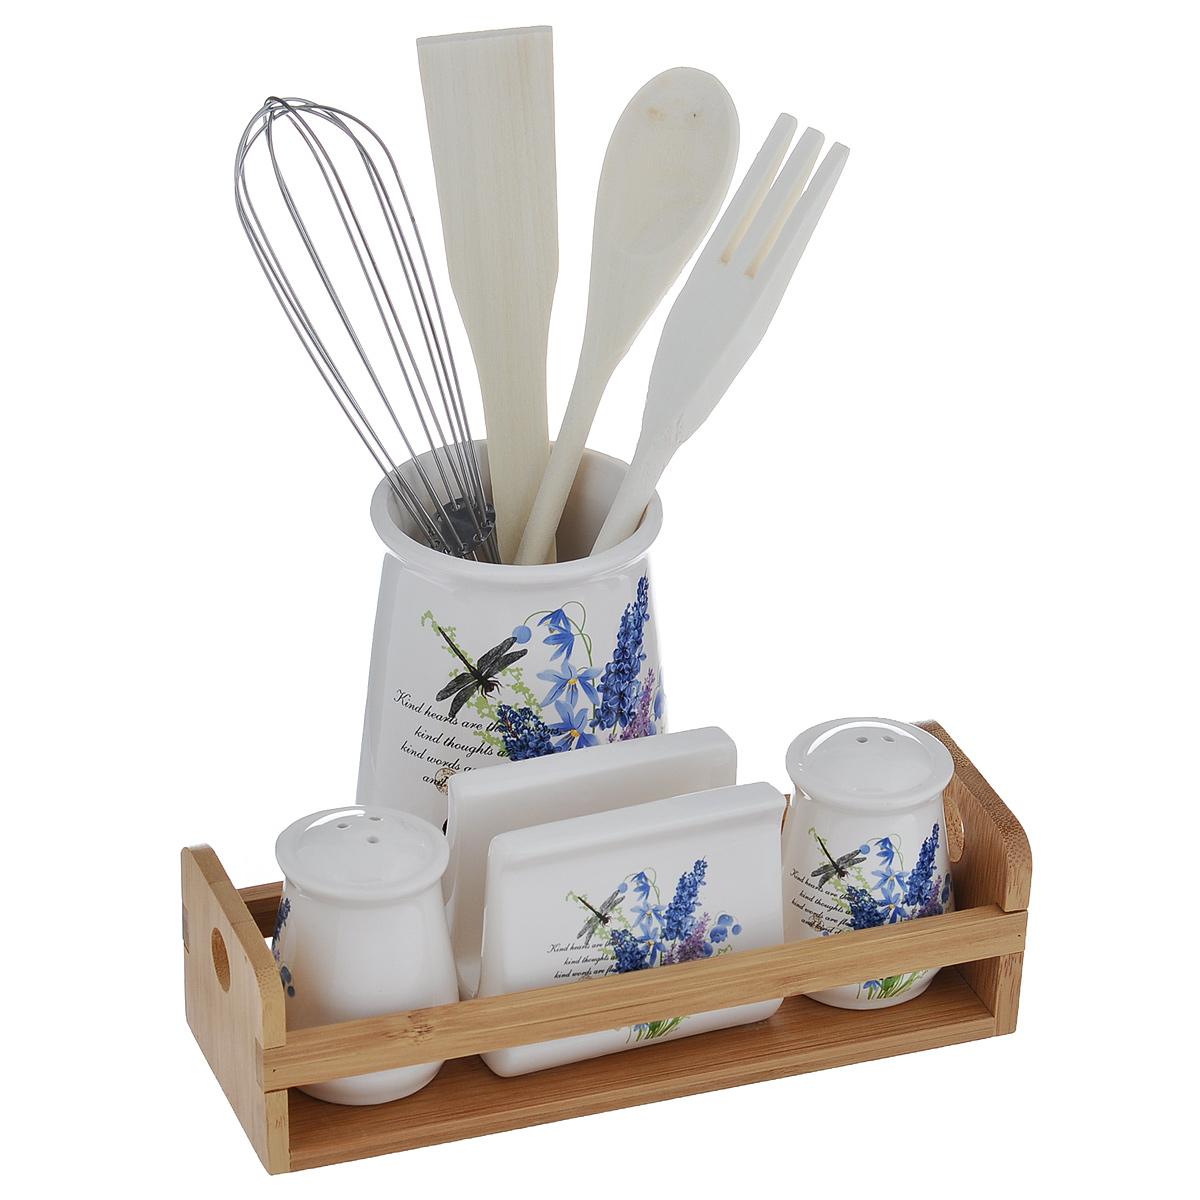 Набор кухонных принадлежностей Полевые цветы, 9 предметовDFC01529/01530-02252 BO 8/SНабор кухонных принадлежностей Полевые цветы состоит из лопатки, ложки, вилки, венчика, солонки, перечницы, салфетницы и двух подставок. Лопатка, вилка и ложка выполнены из высококачественного дерева и предназначены для переворачивания, перемешивания различных блюд. Металлический венчик будет незаменим для приготовления теста или крема. Эти предметы хранятся в отдельной керамической подставке Стакан. Солонка, перечница и салфетница выполнены из доломитовой керамики, декорированы изображением полевых цветов и располагаются на деревянной подставке. Оригинальный дизайн, эстетичность и функциональность набора позволят ему стать достойным дополнением к кухонному инвентарю. Можно мыть в посудомоечной машине на минимальной температуре.